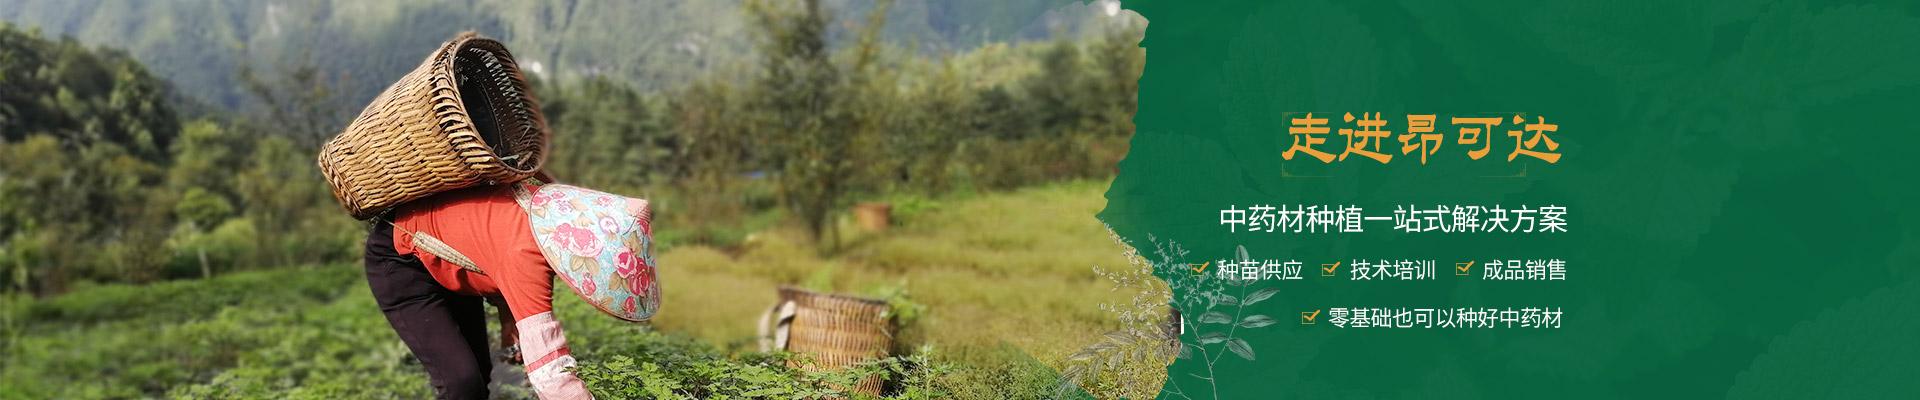 昂可达-专注道地云药种植